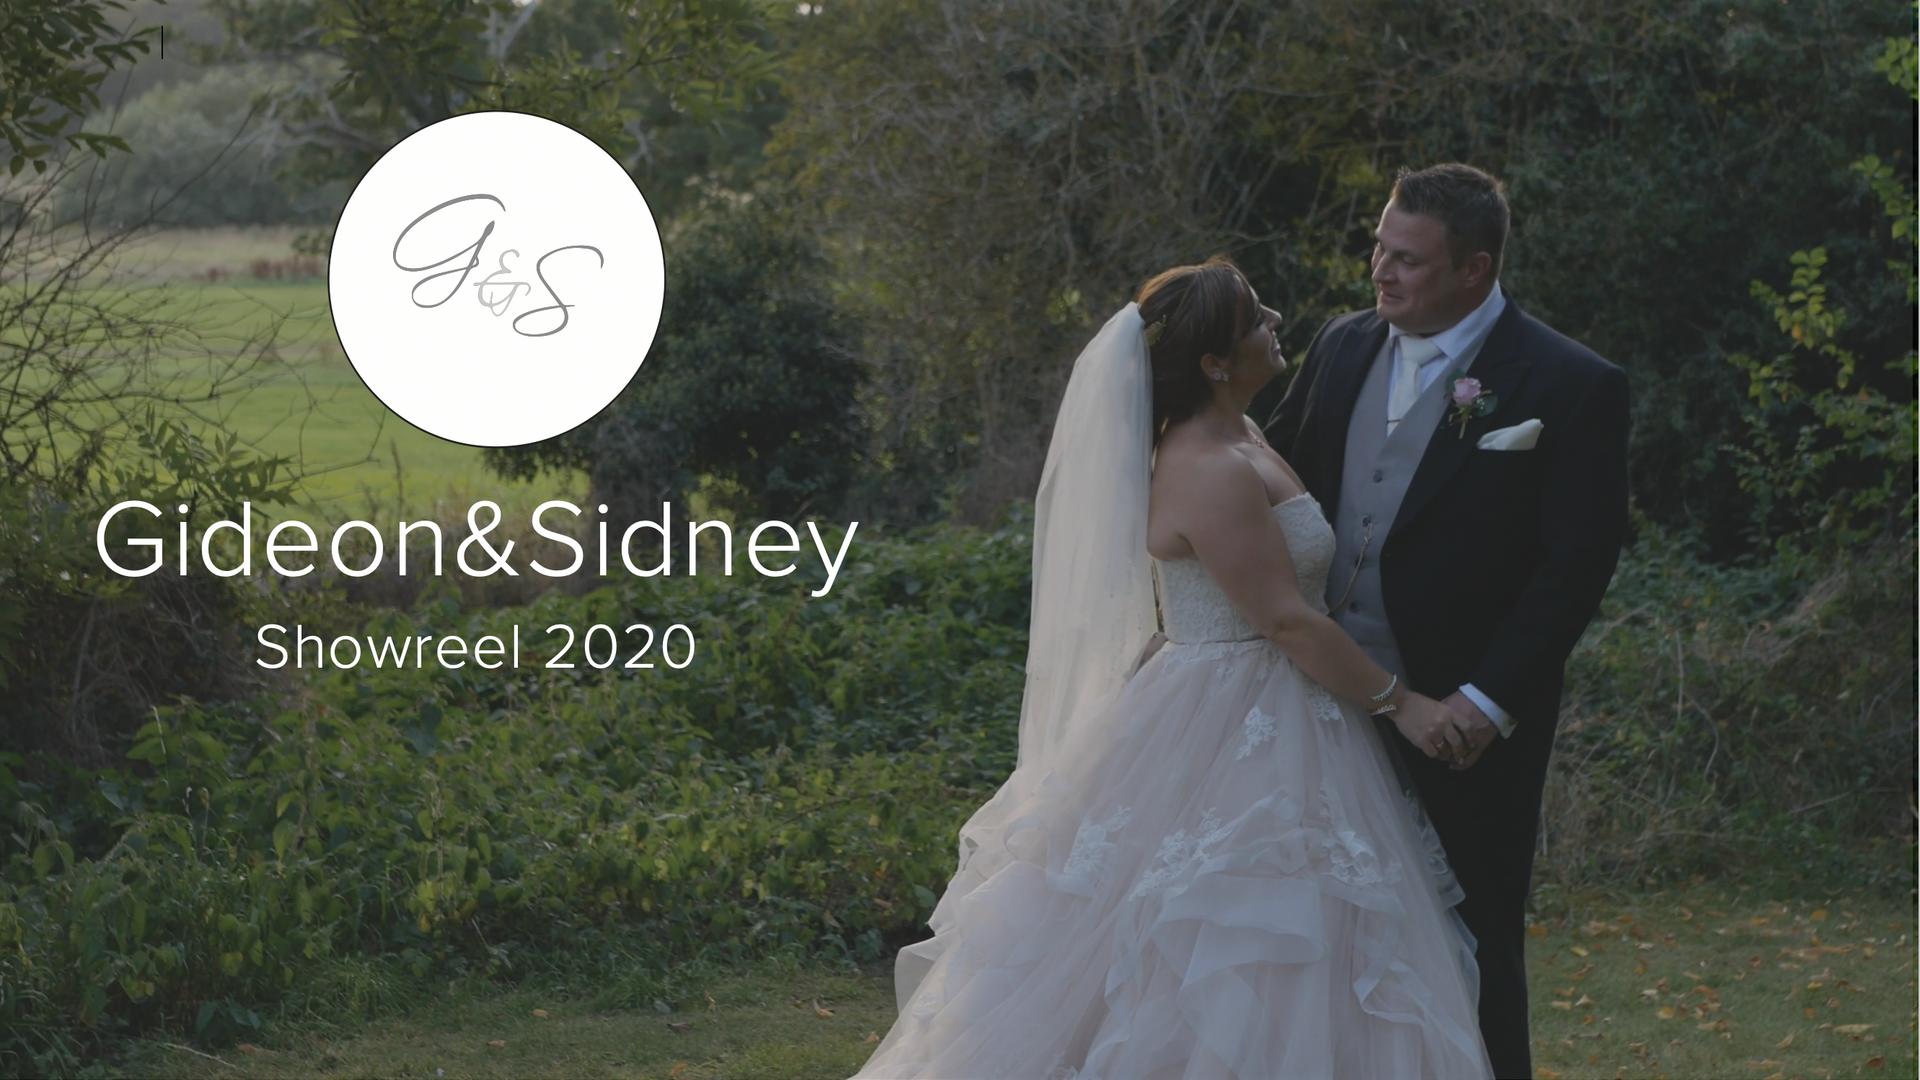 Gideon&Sidney | Showreel 2020